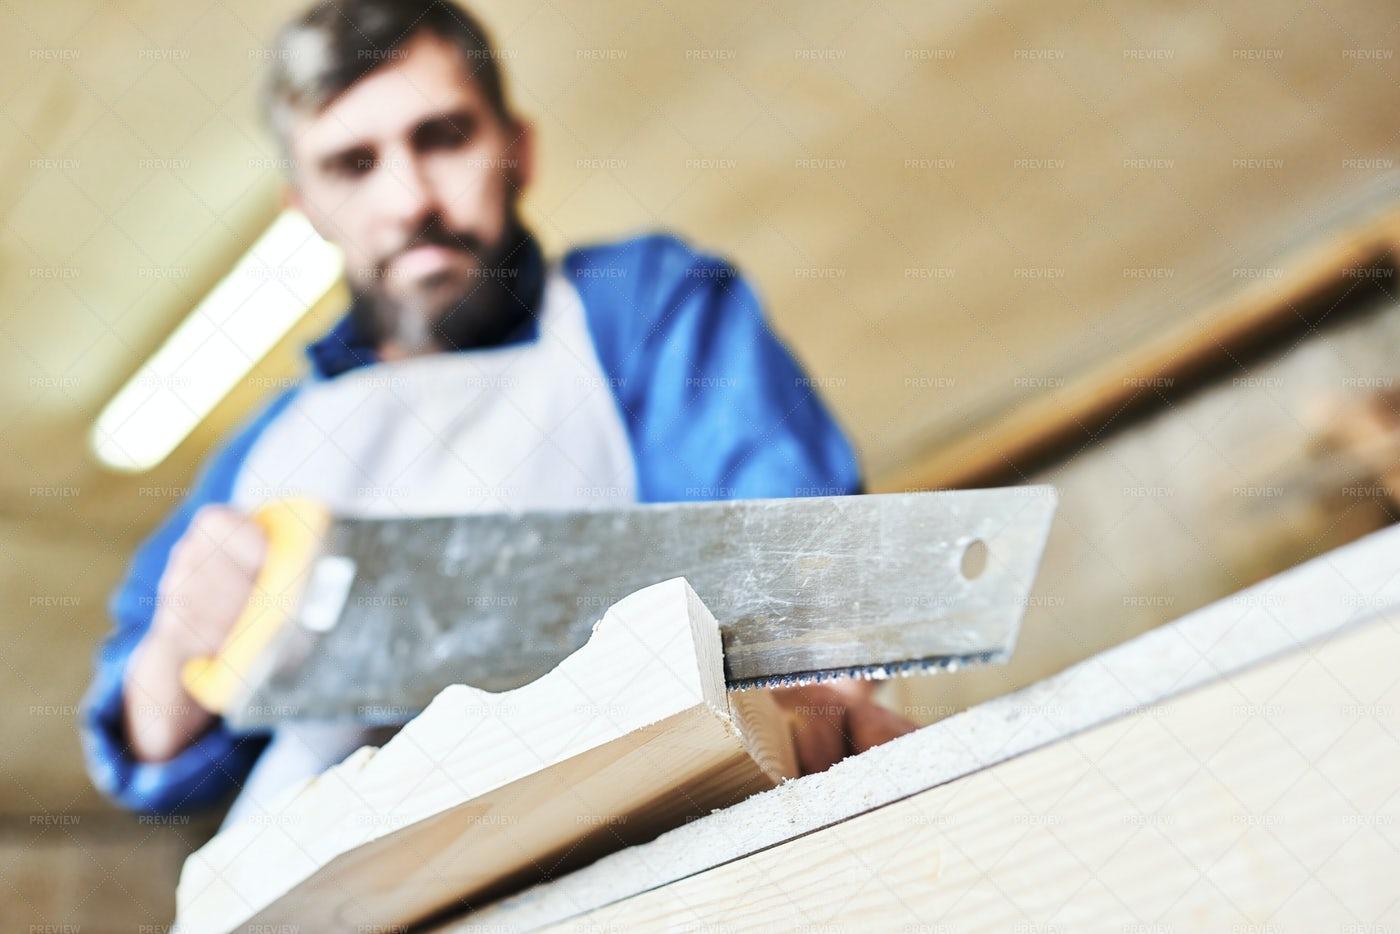 Carpenter Hand Cutting Wood: Stock Photos